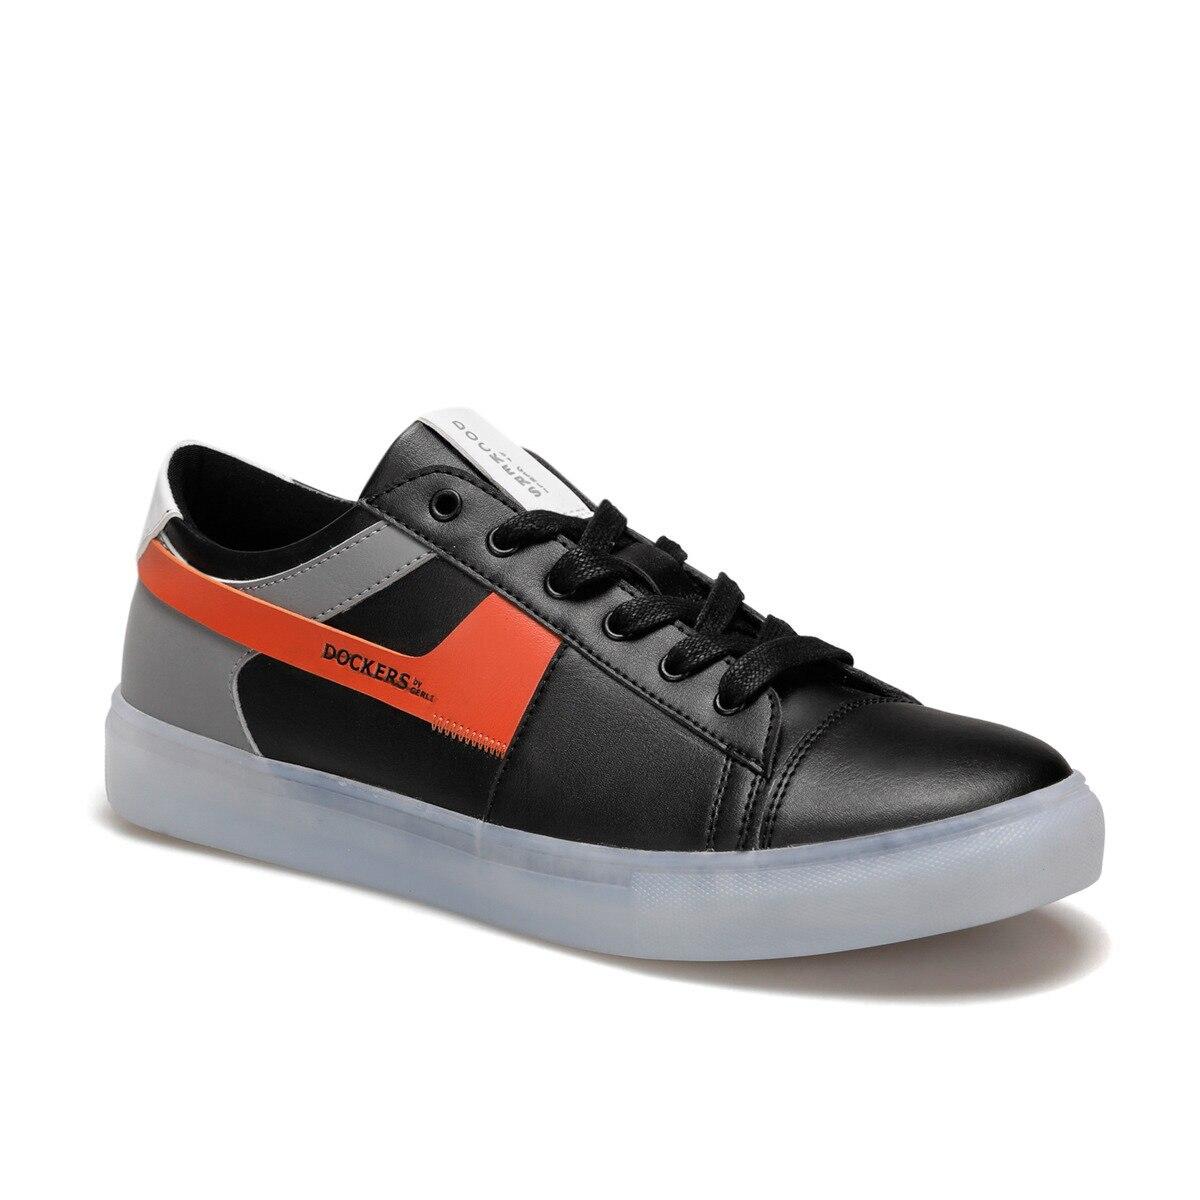 FLO 228095 Black Male Sneaker By Dockers The Gerle